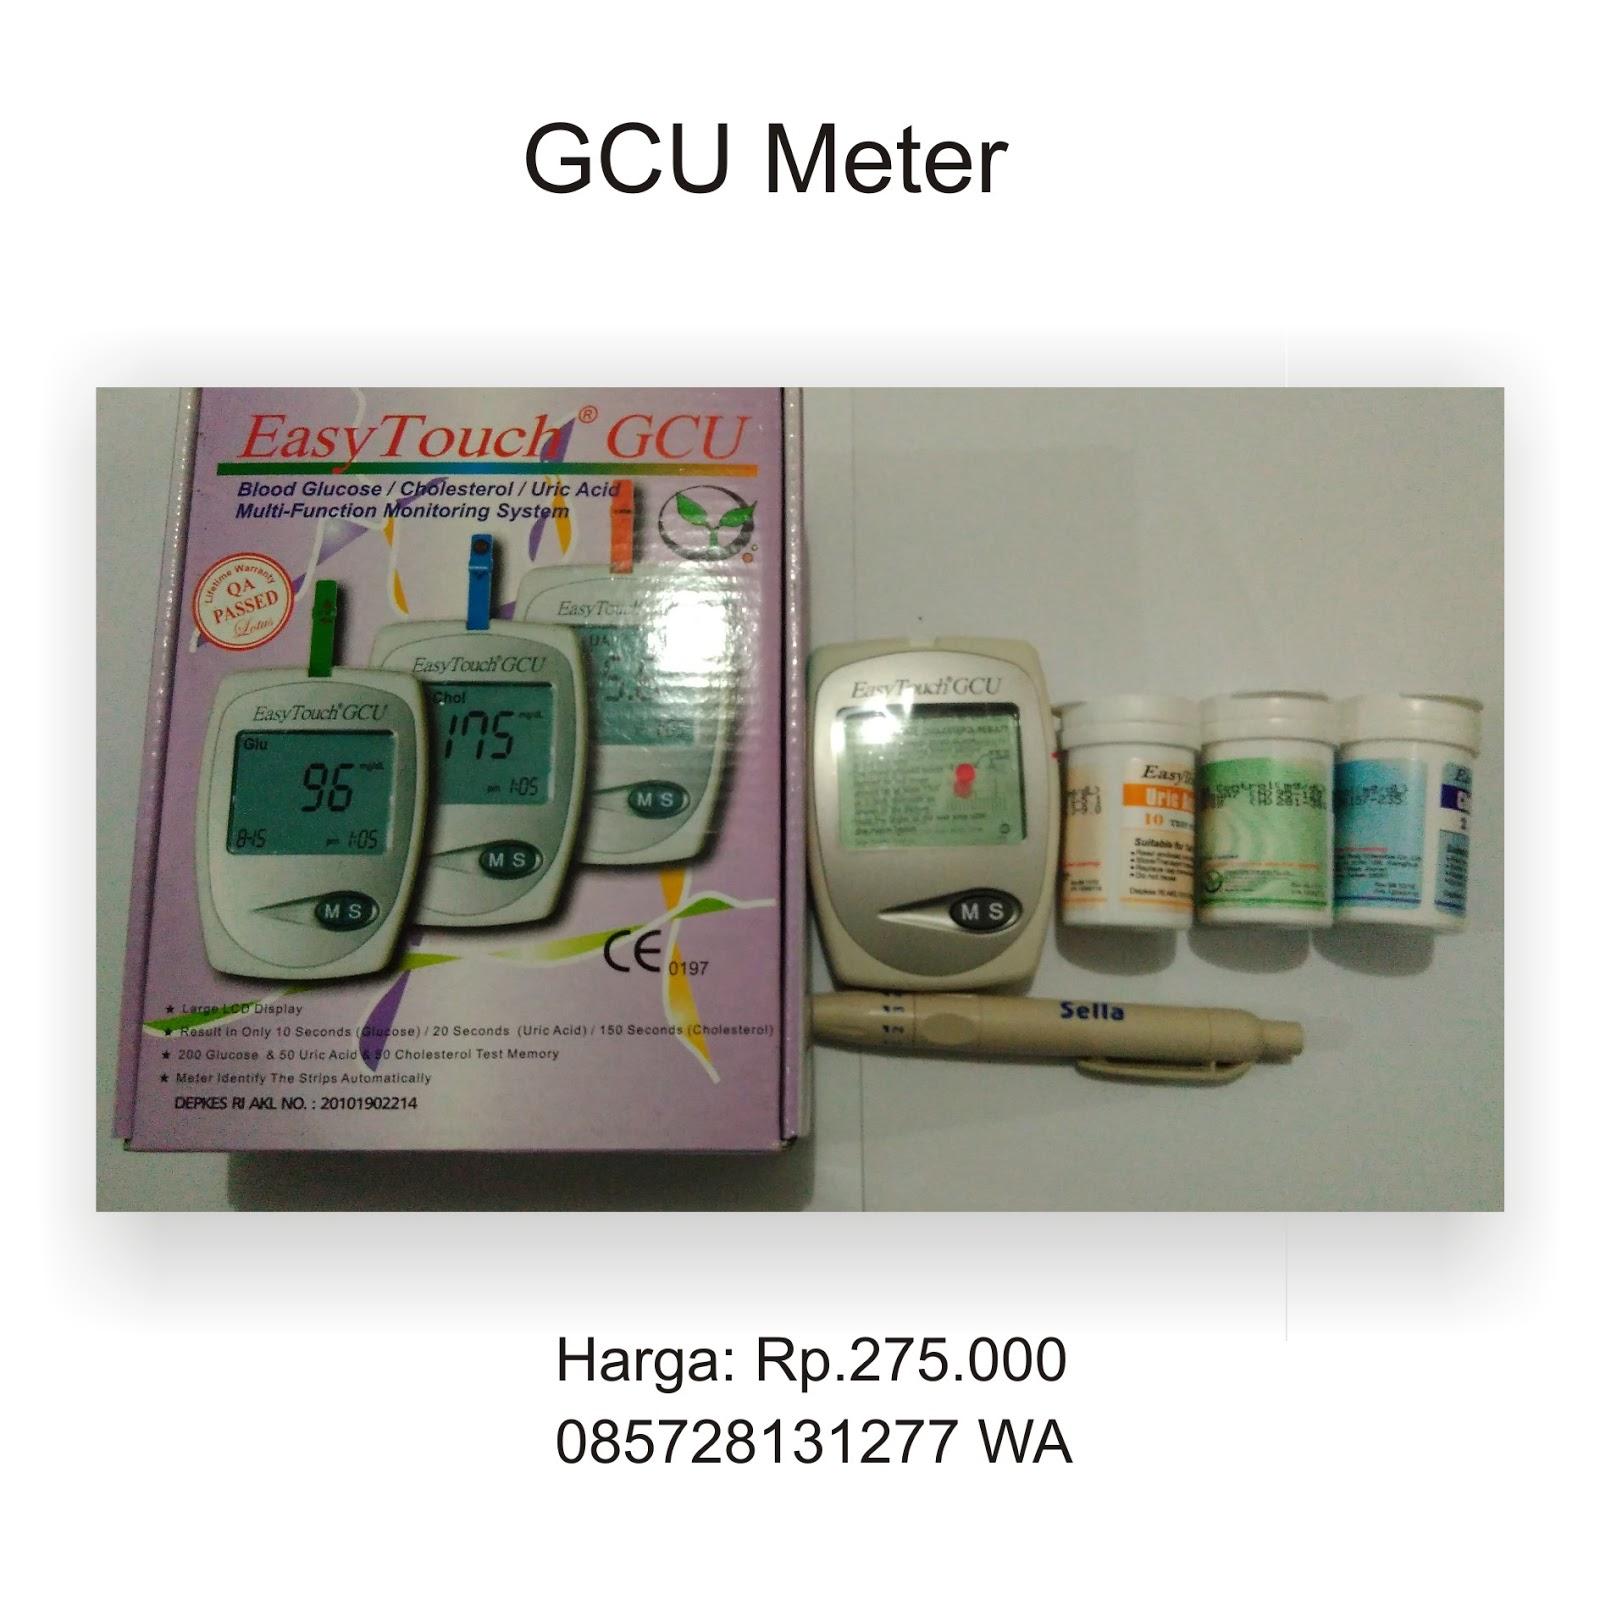 Alat Tes Gula Darah Kolesterol Dan Asam Urat Jual Gcu Meter Ogan Strip Easy Touch Glucose Di Ilir 085728131277 Ukur